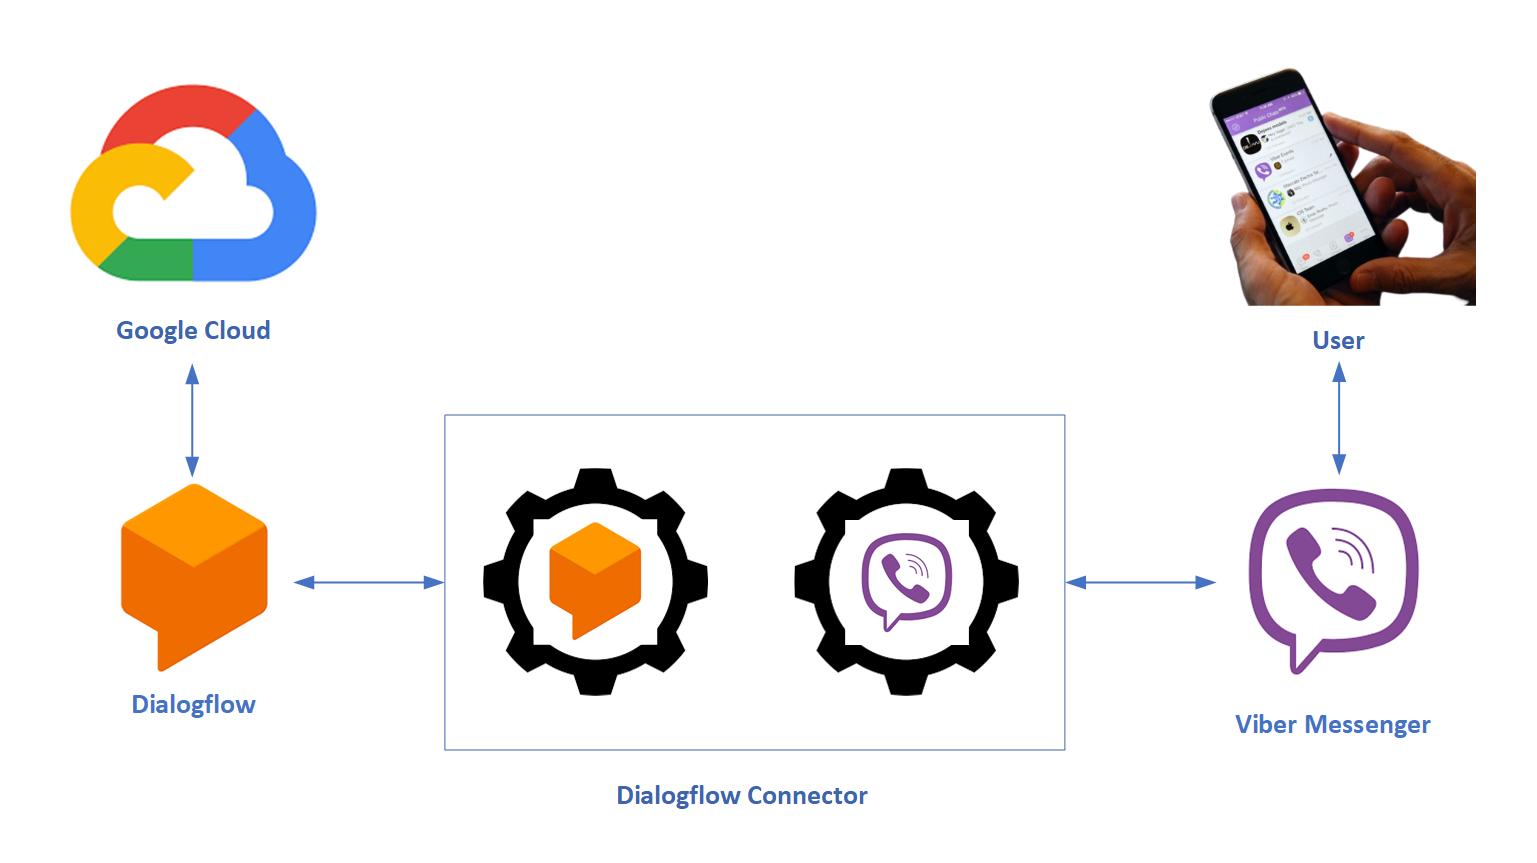 Dialogflow_Viber_Connector